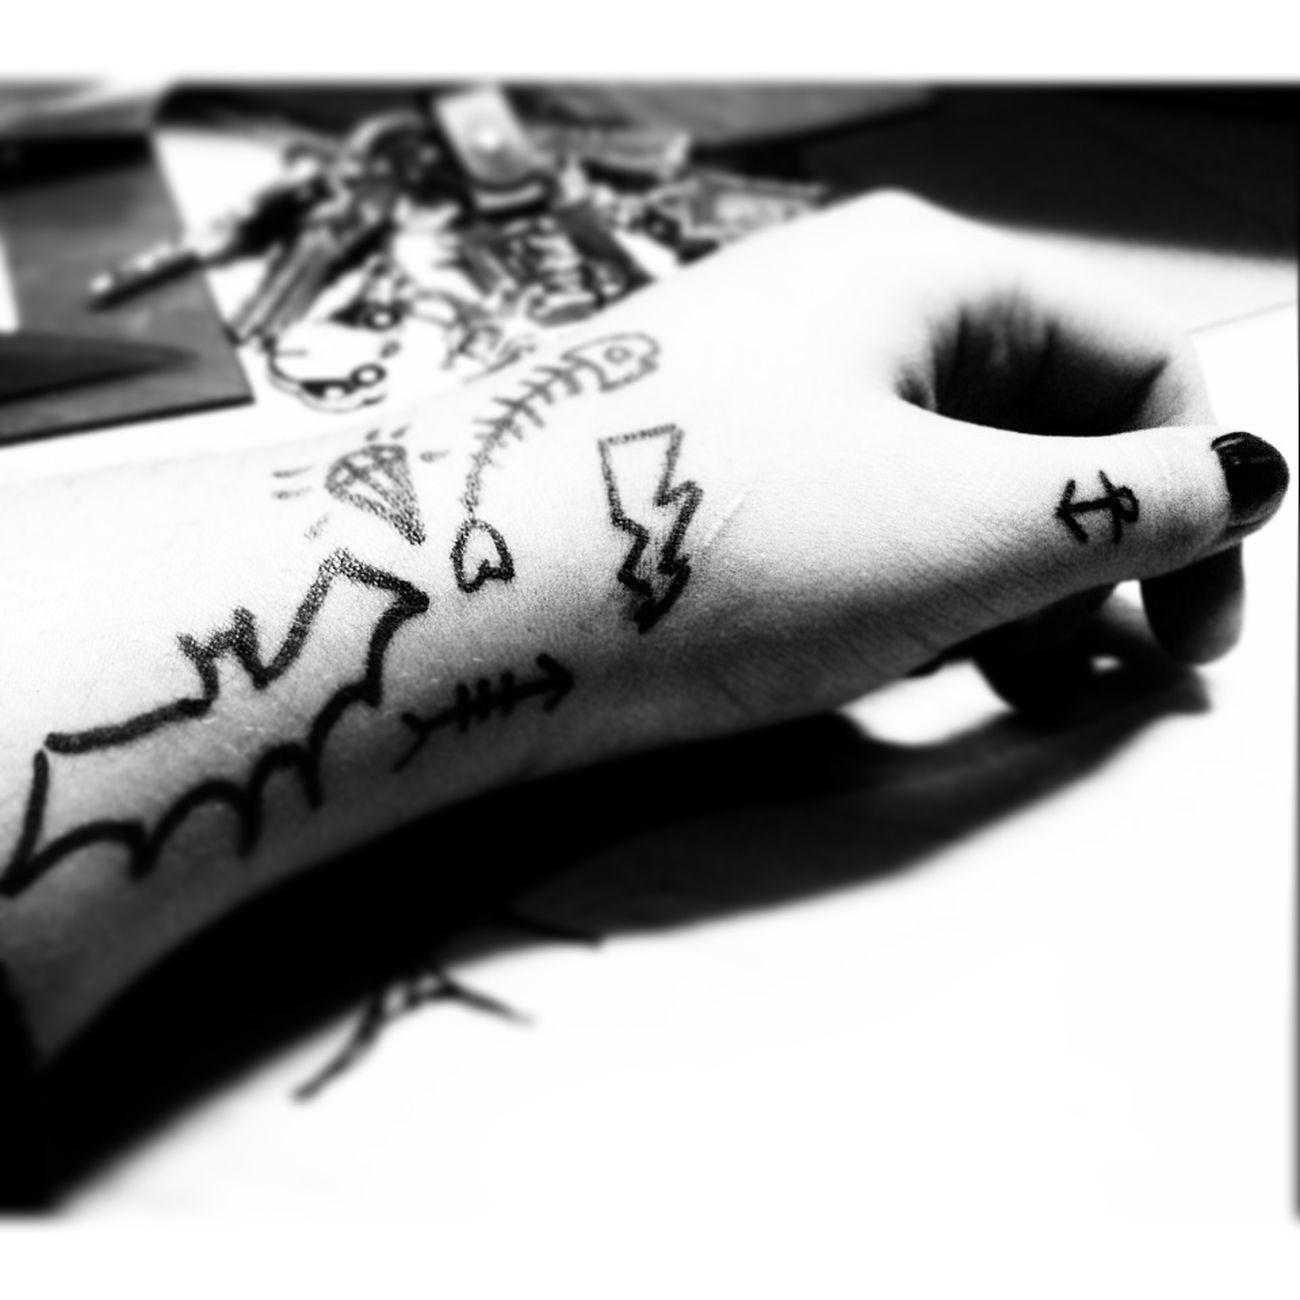 Tattoo Hand Art Black & White